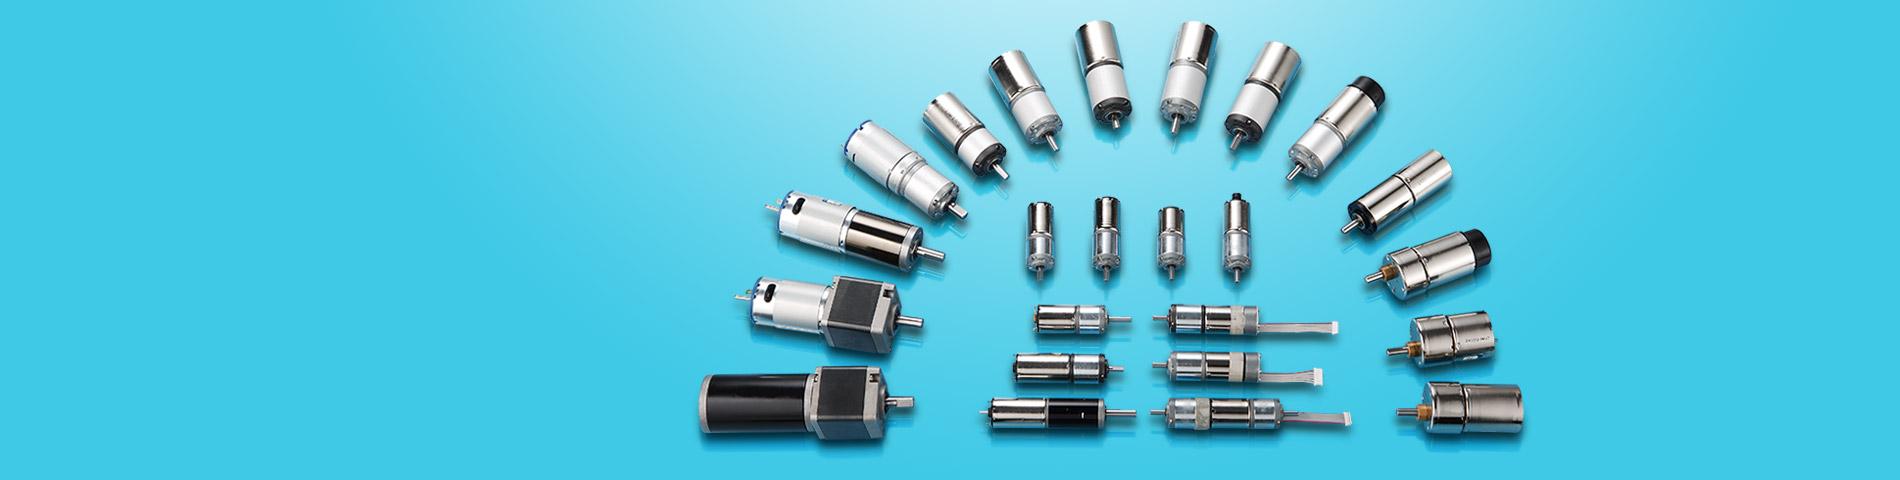 Προμήθεια Μικρών   DC Geared Motors   για μεγάλη ποικιλία εφαρμογών